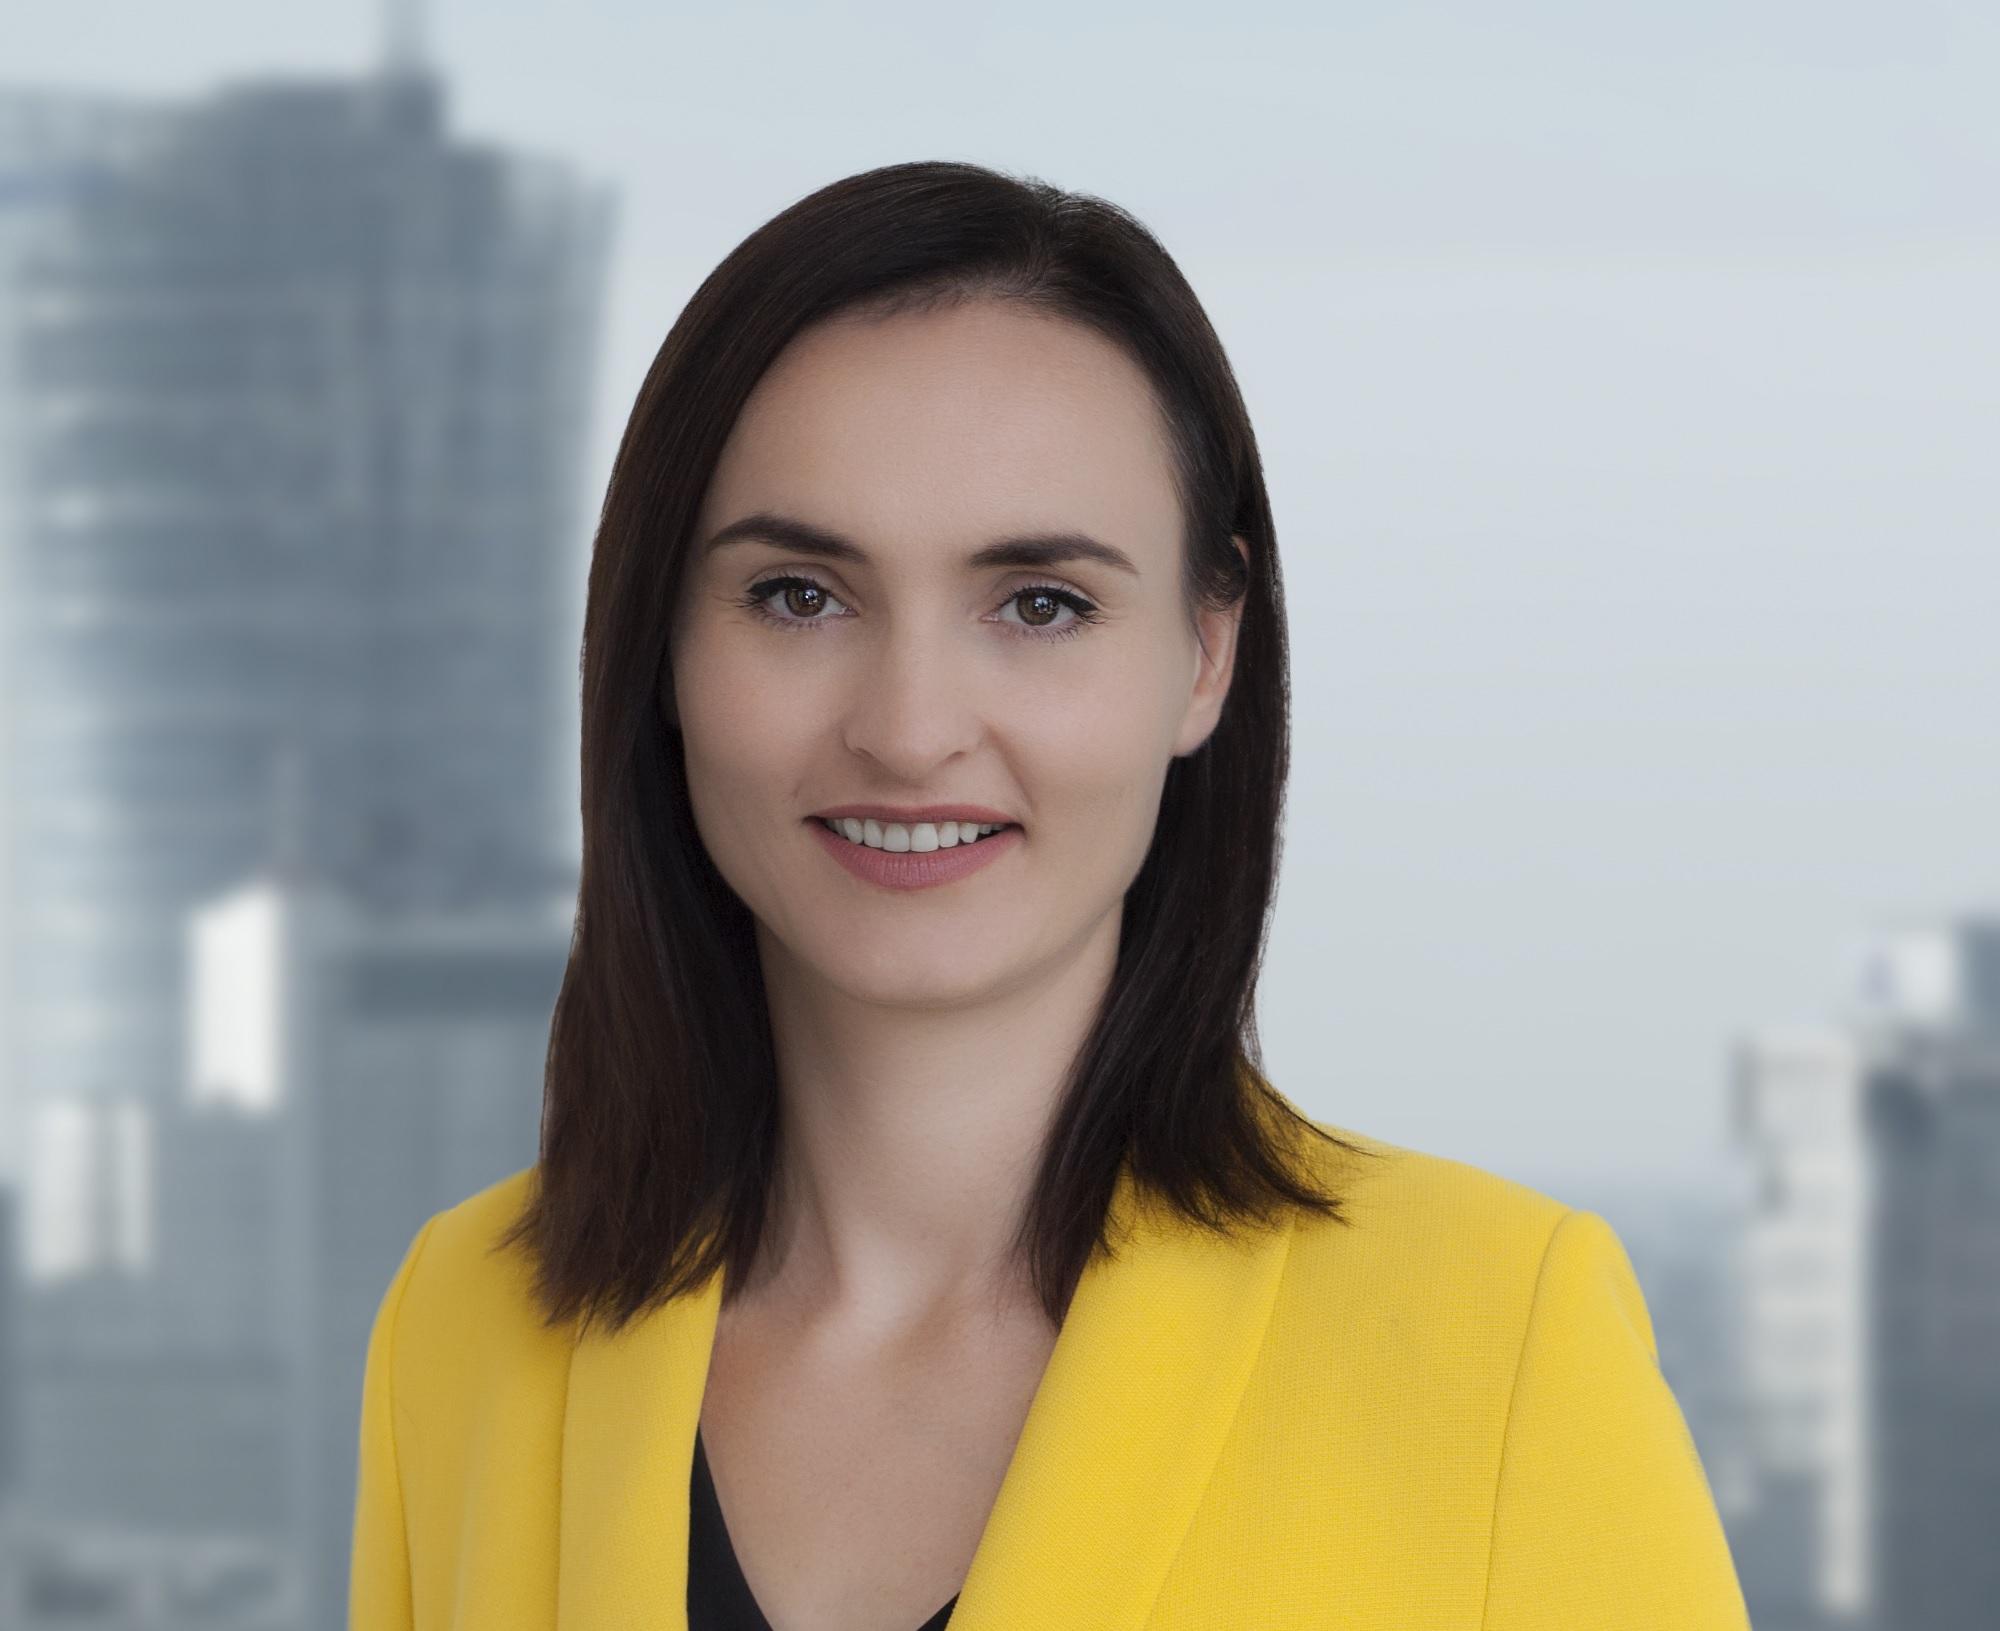 Agnieszka Pietrasik (fot. mat. pras./Hays Poland)